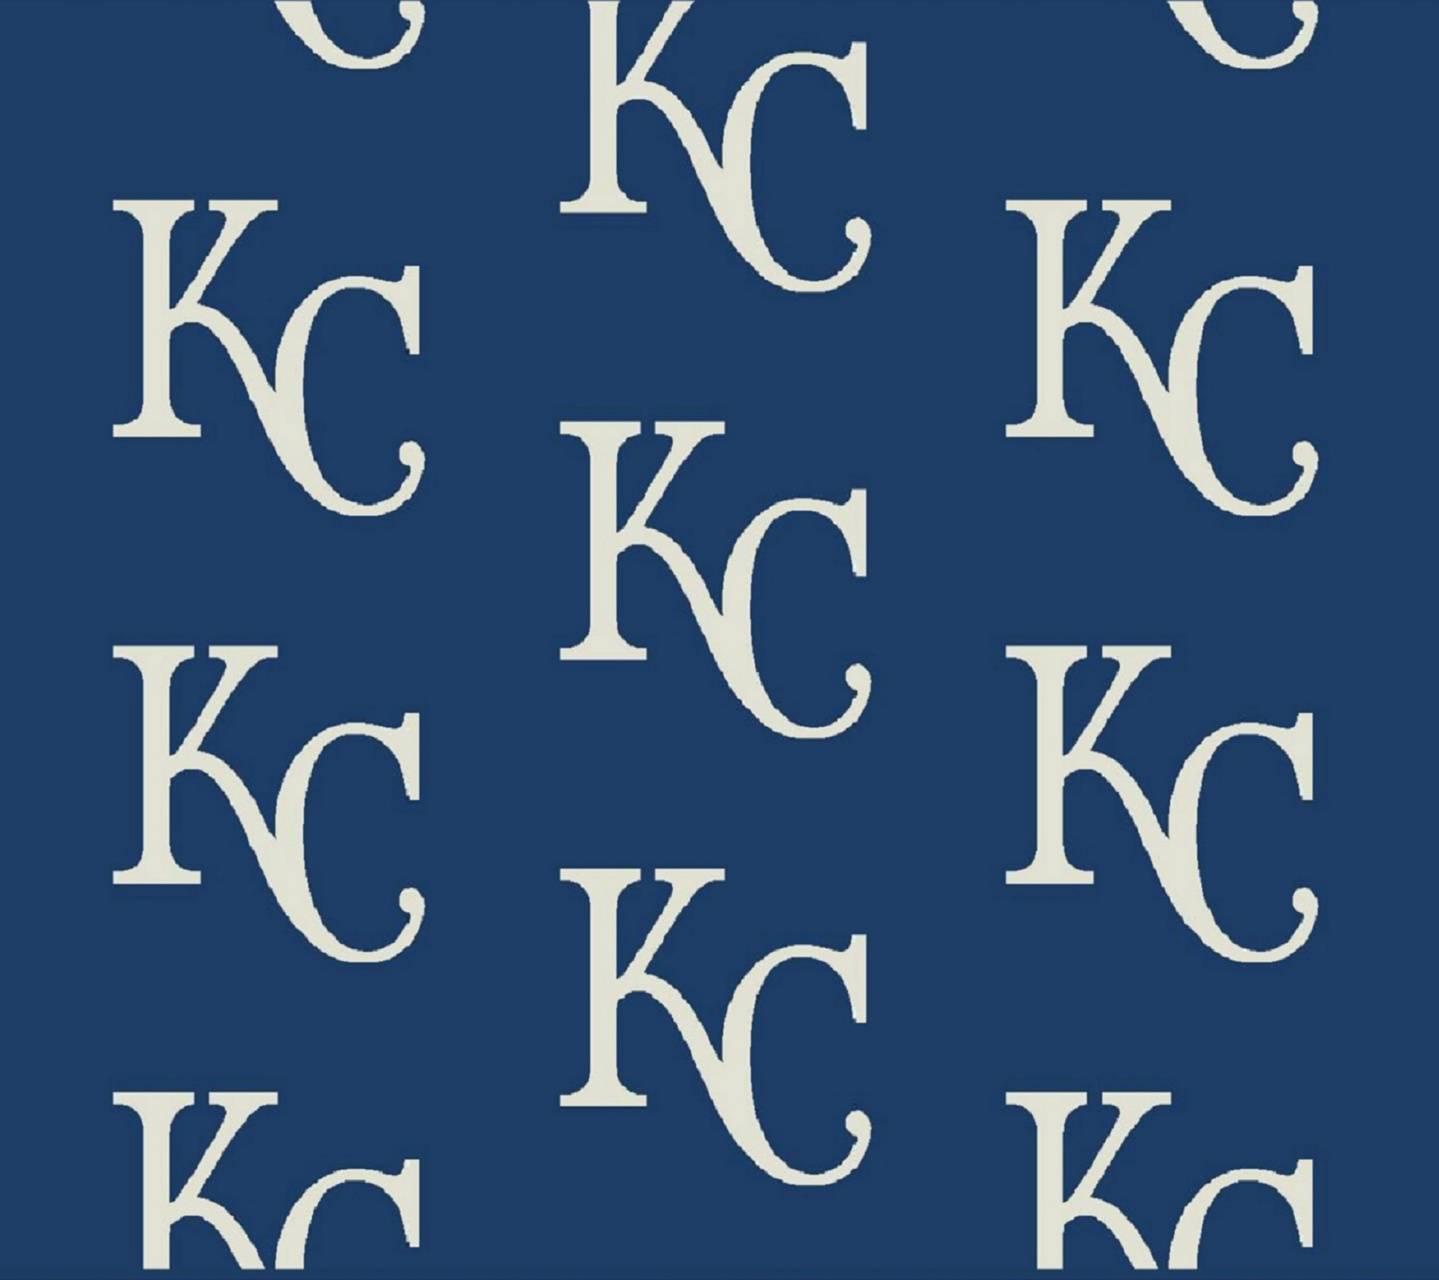 KC Royals tiled